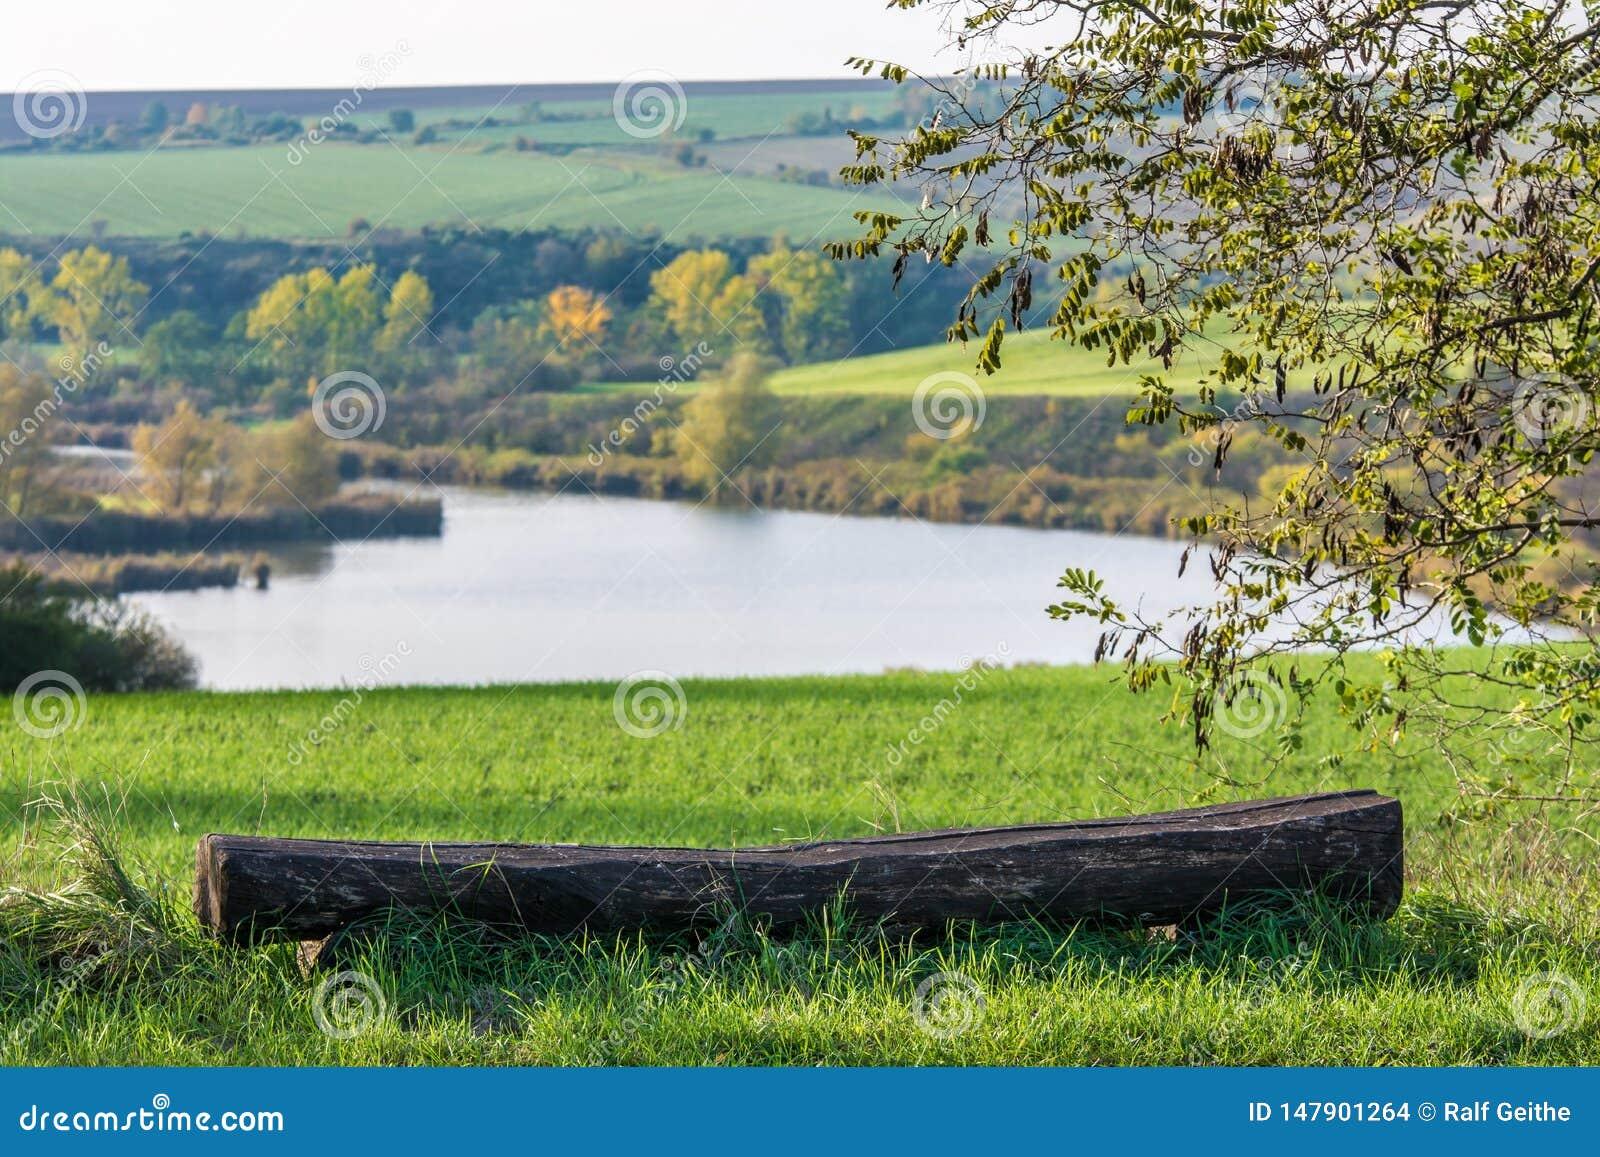 Старый стенд перед красивым холмистым ландшафтом с озером